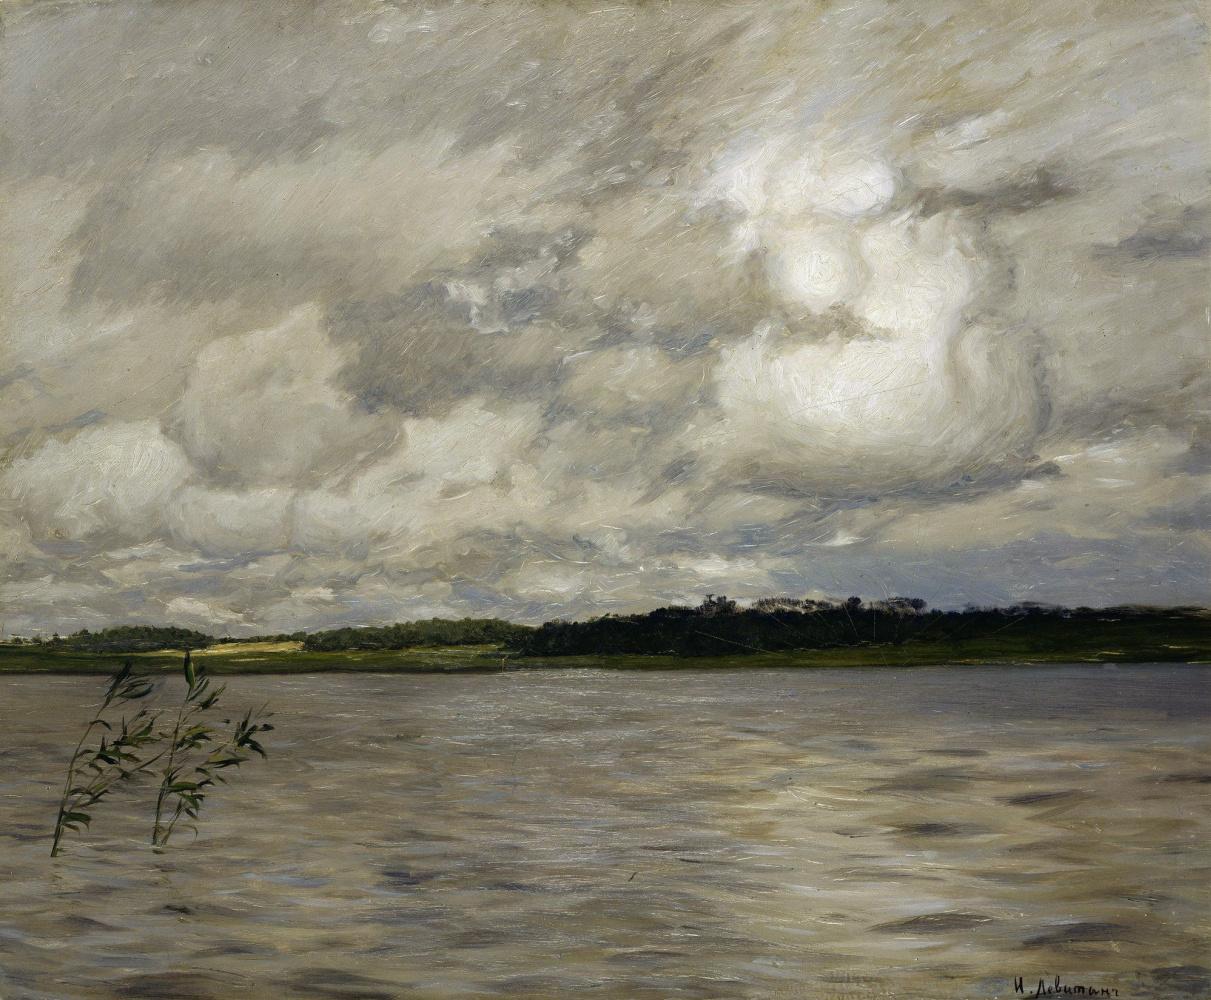 Isaac Levitan. The lake. Gray day